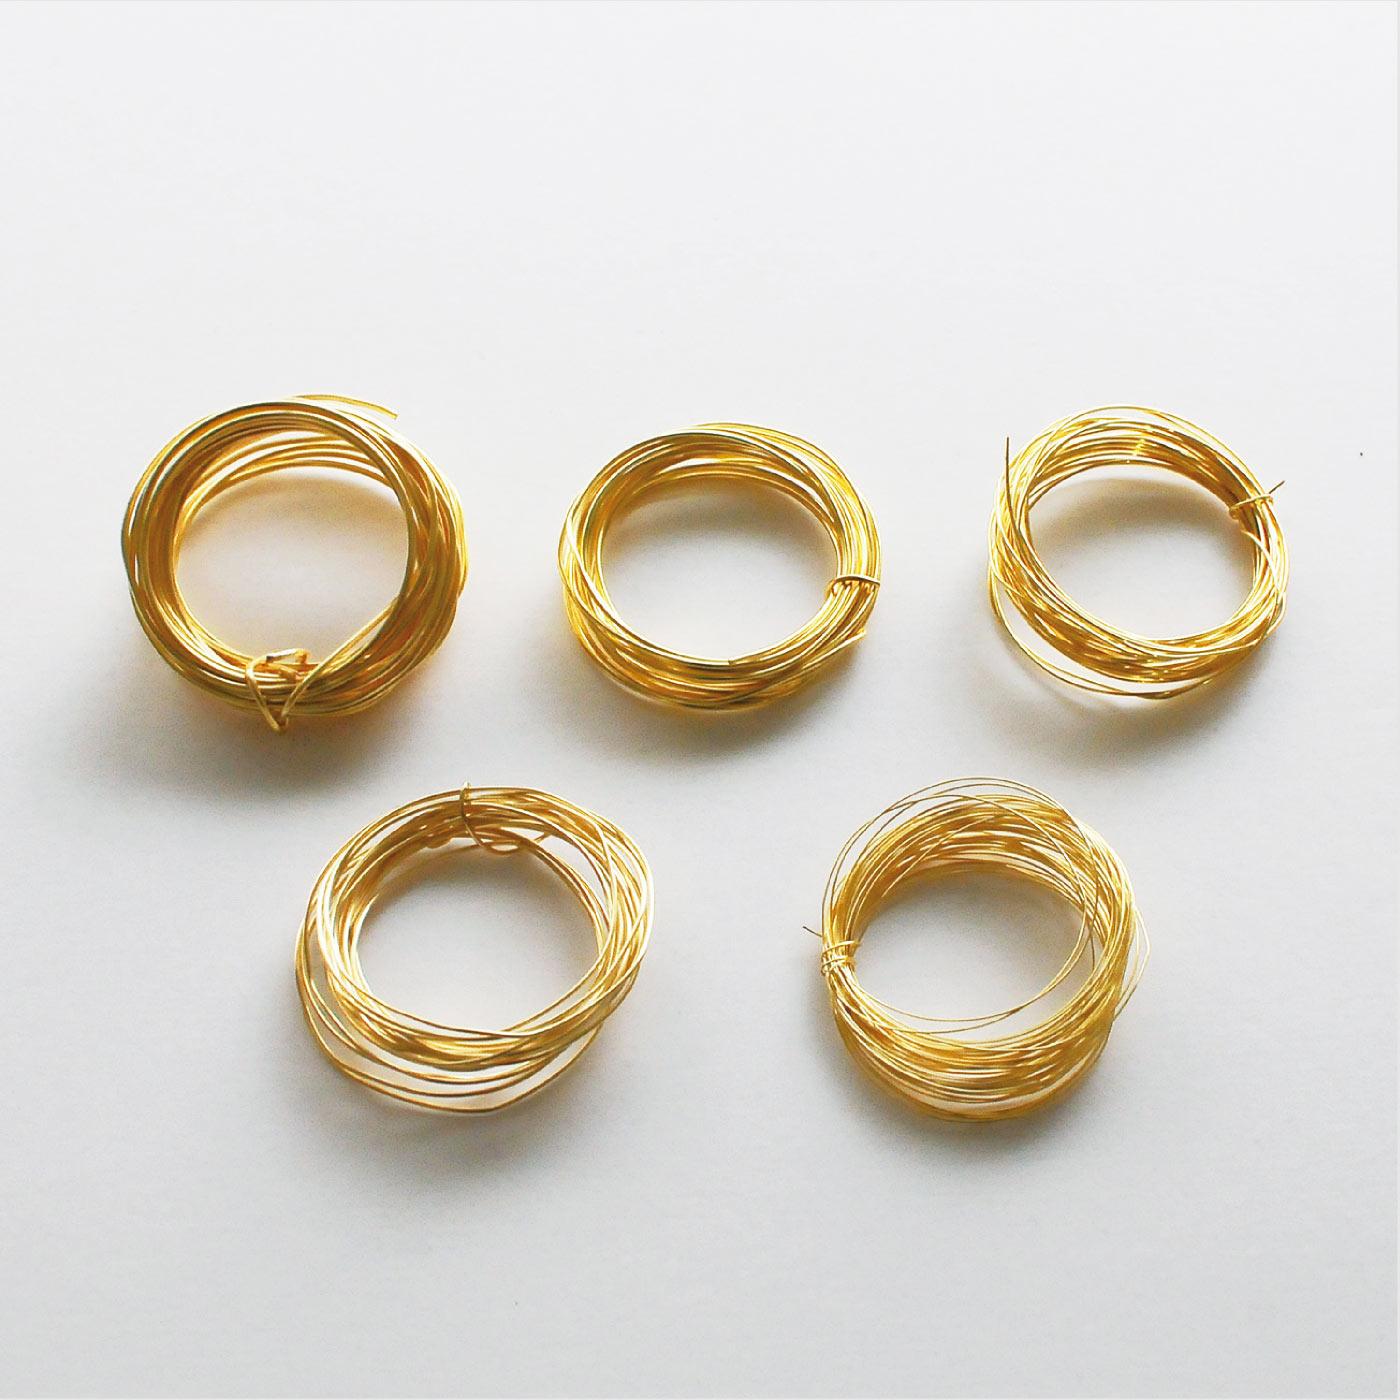 材料セット:ジュエリー専用ワイヤー直径約1mm(約3m)、直径約0.8mm(約2m)直径約0.6mm(約2m)、直径約0.5mm(約3m)、直径約0.3mm(約5m)